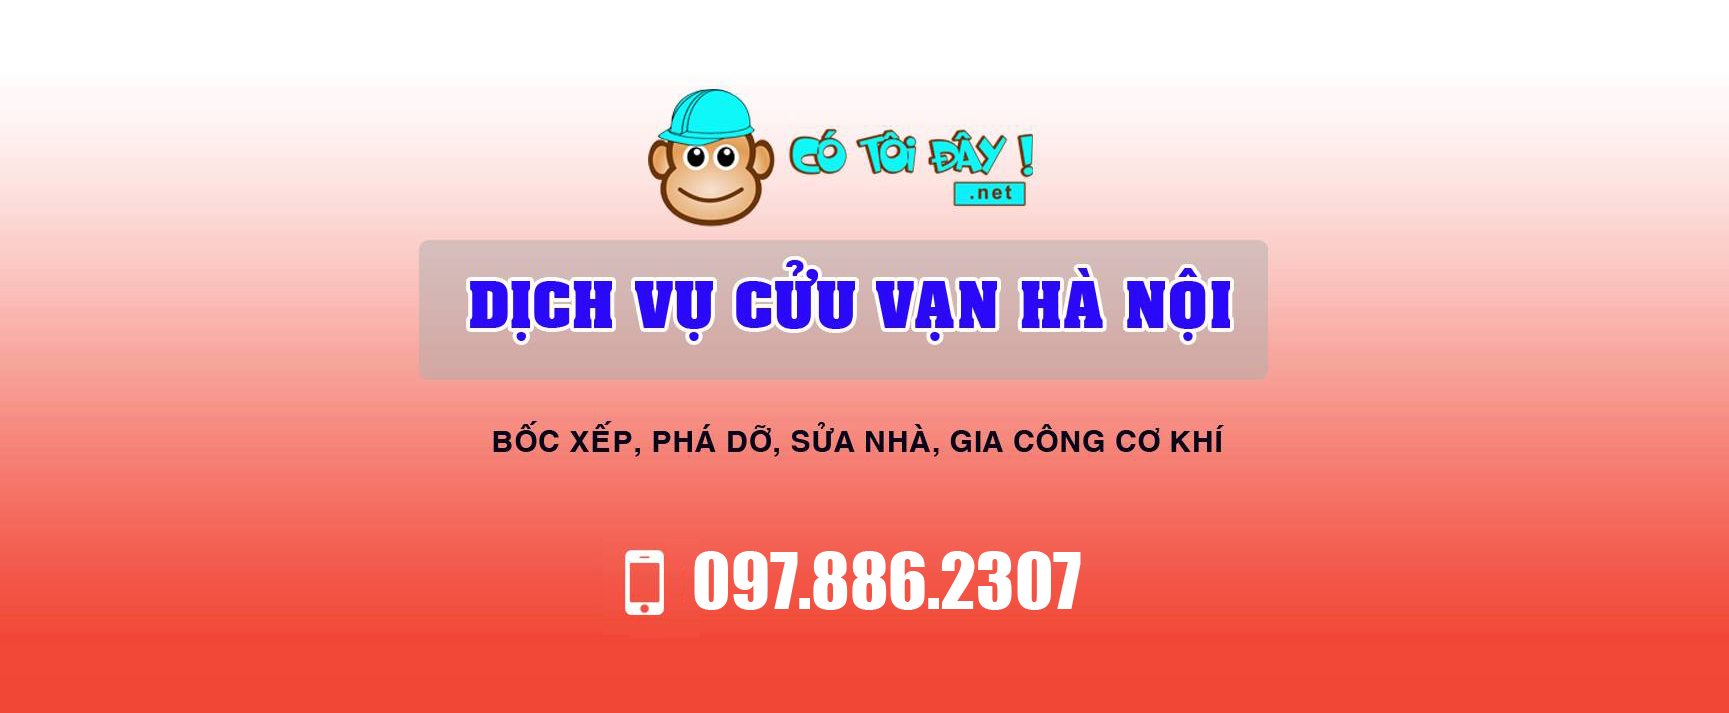 Hỗ trợ online dịch vụ cửu vạn Hà Nội